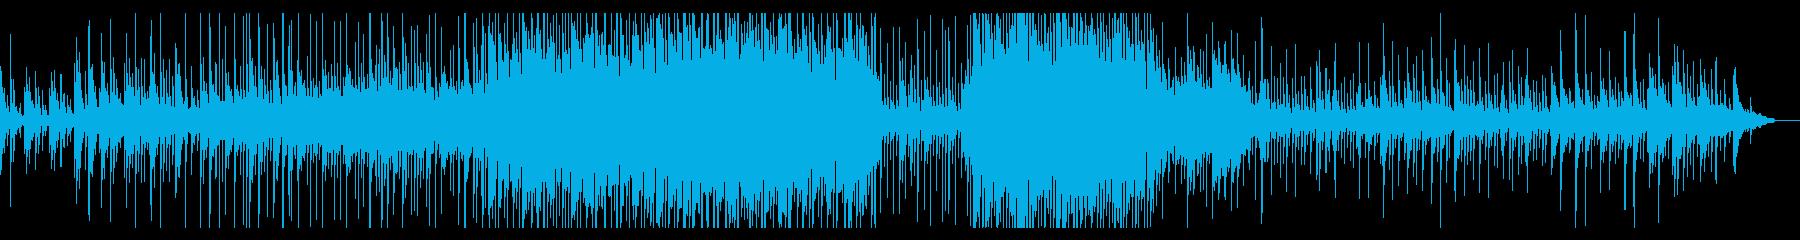 【ピアノ&ストリングス】感動系の映像向けの再生済みの波形